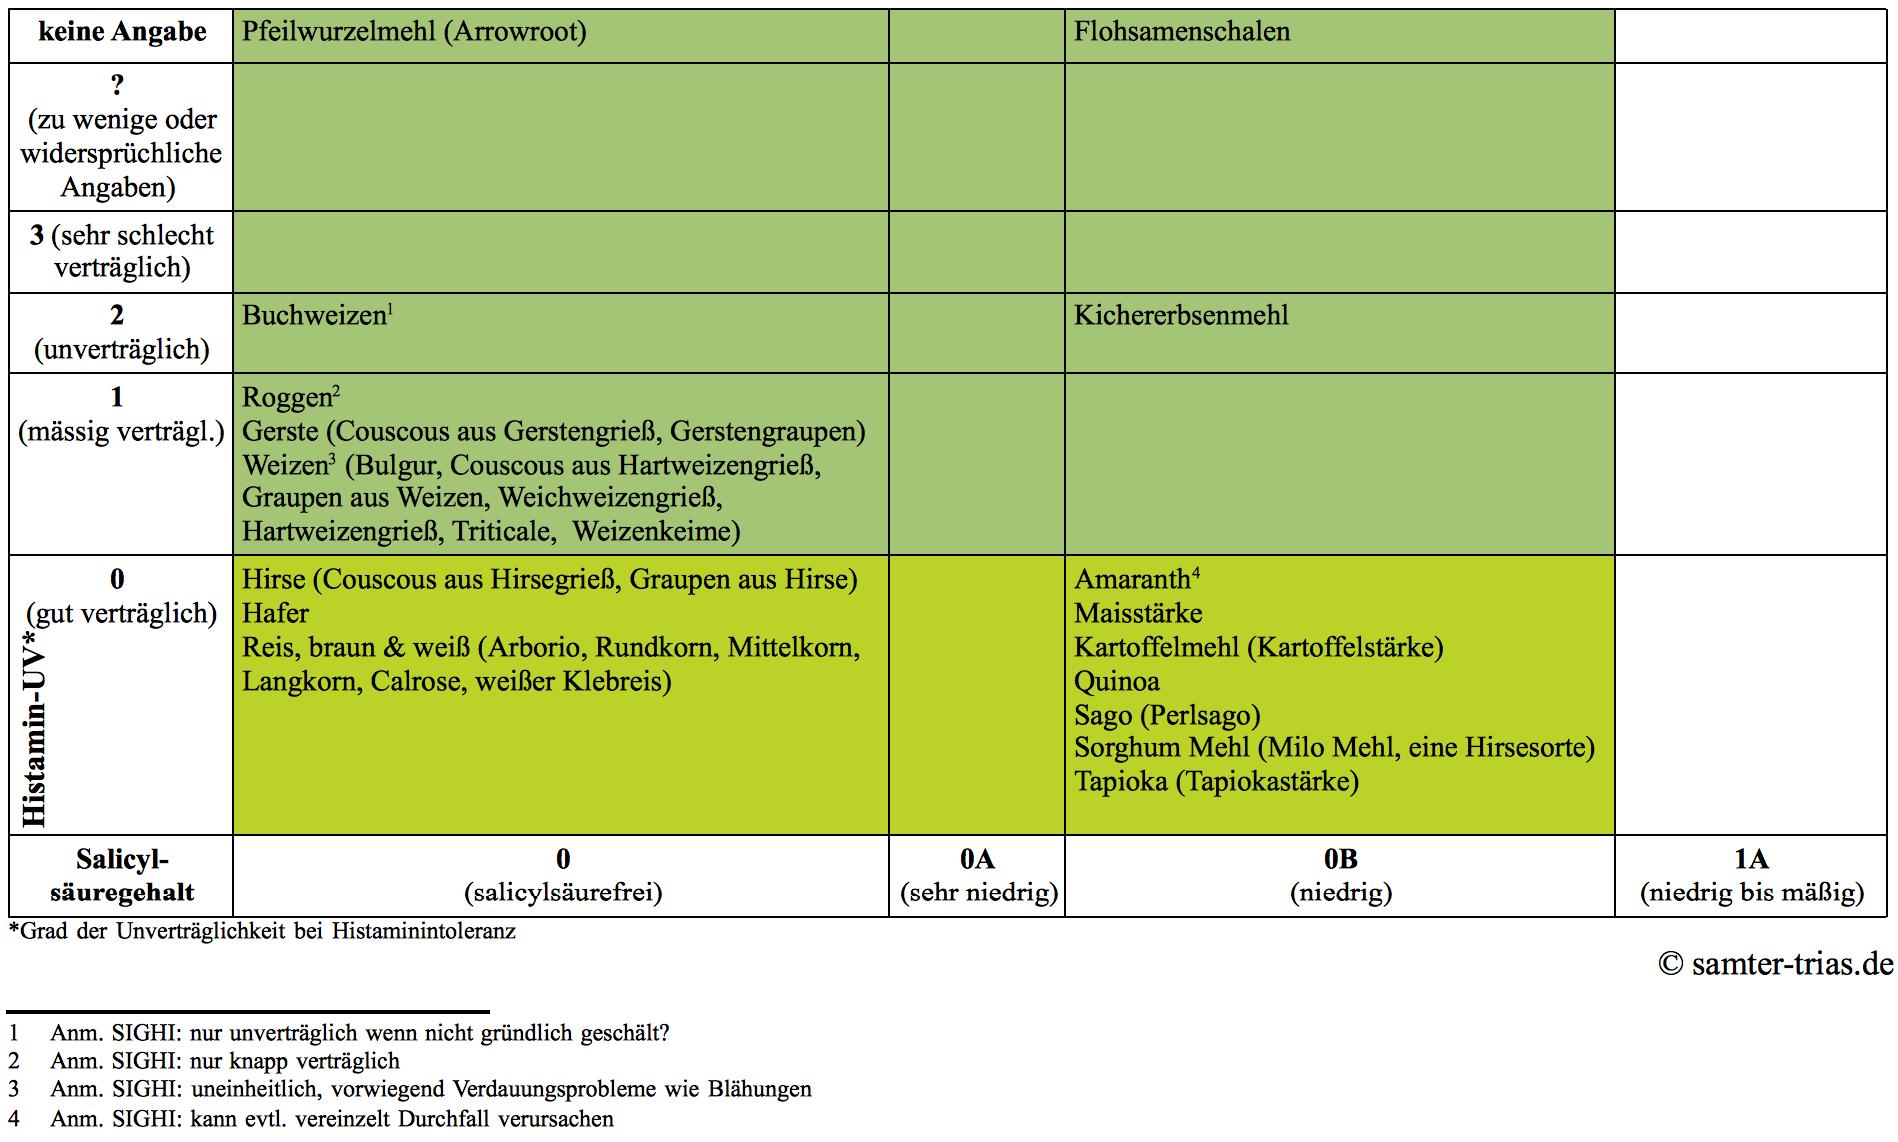 Tabellenübersicht: Salicylsäure- und Histamingehalt Getreide und Pseudogetreide, Seite 1